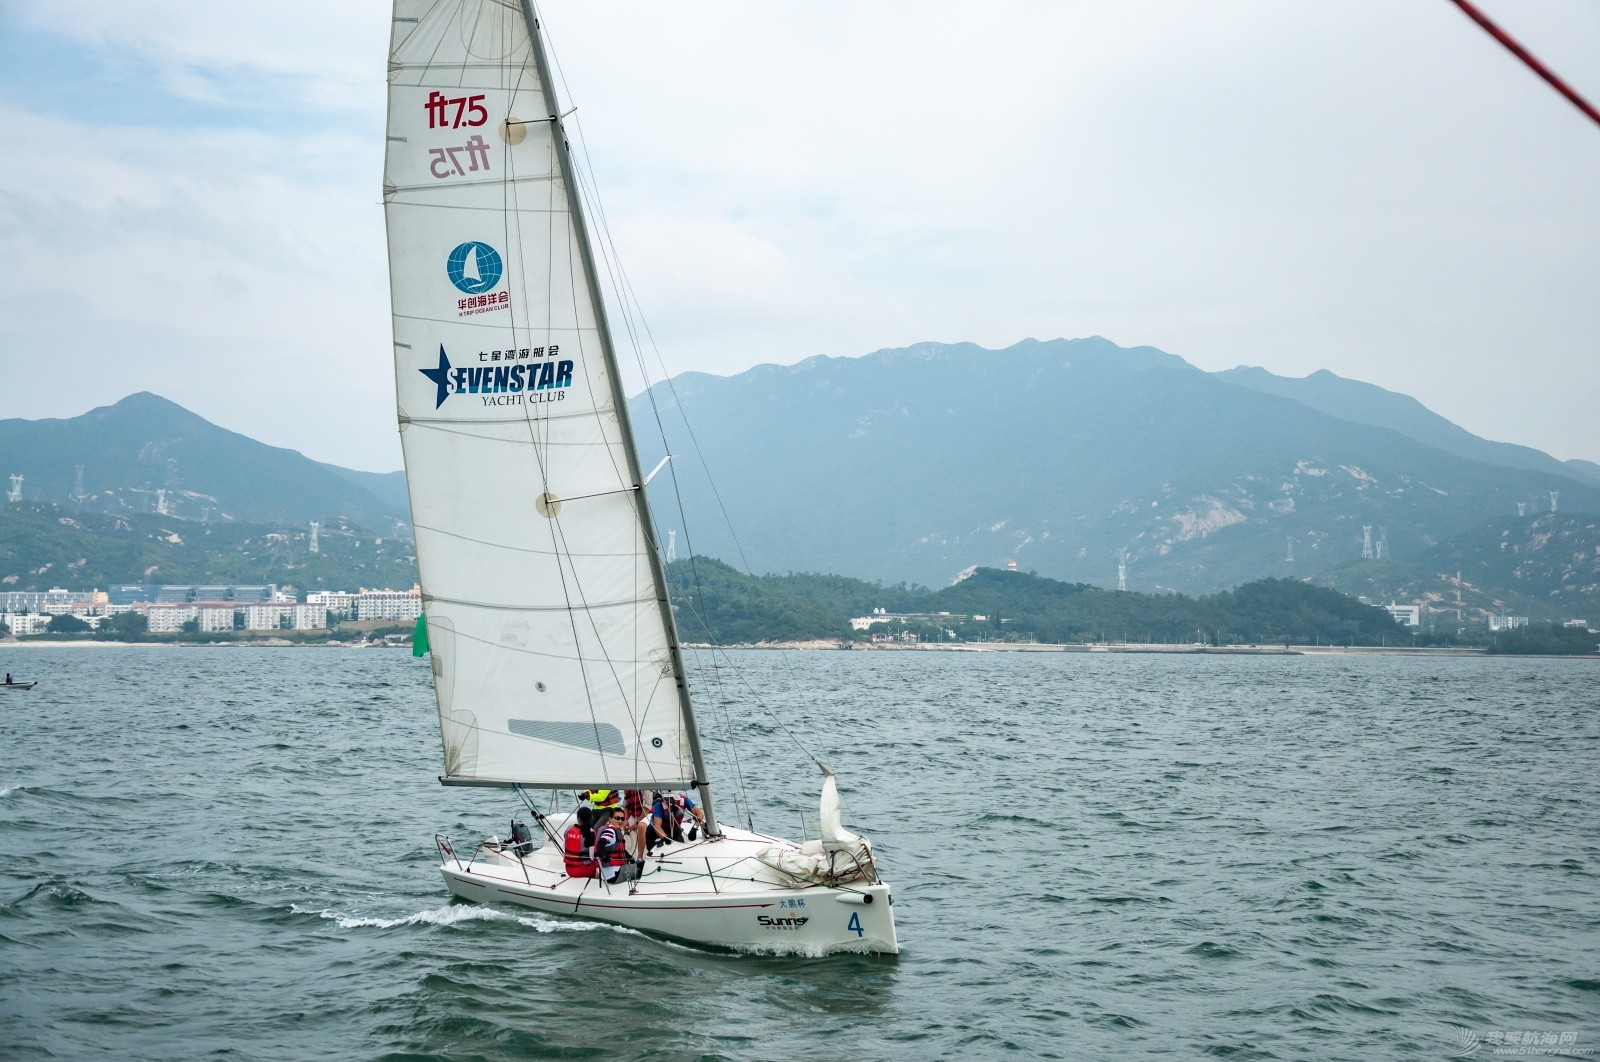 【2015大鹏杯帆船赛】51航海网船队在比赛中 s002.jpg